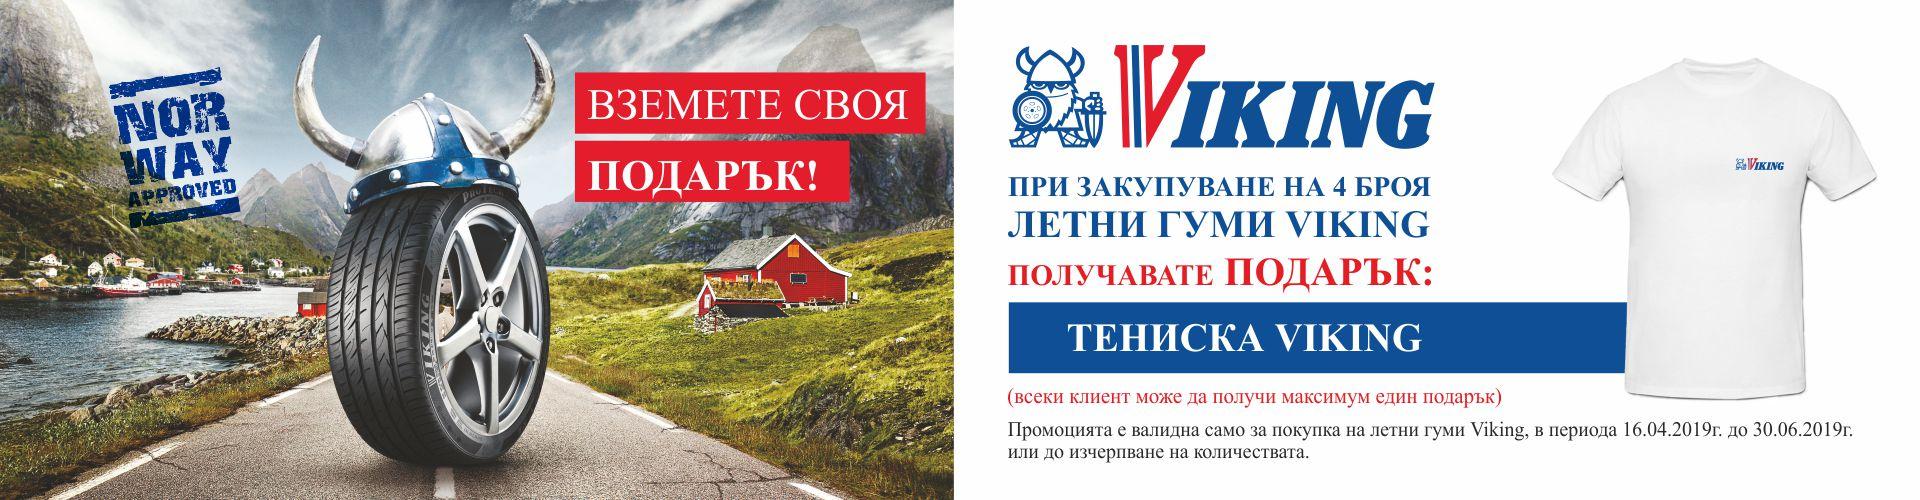 promo_viking_16042019-30062019_banner.jpg